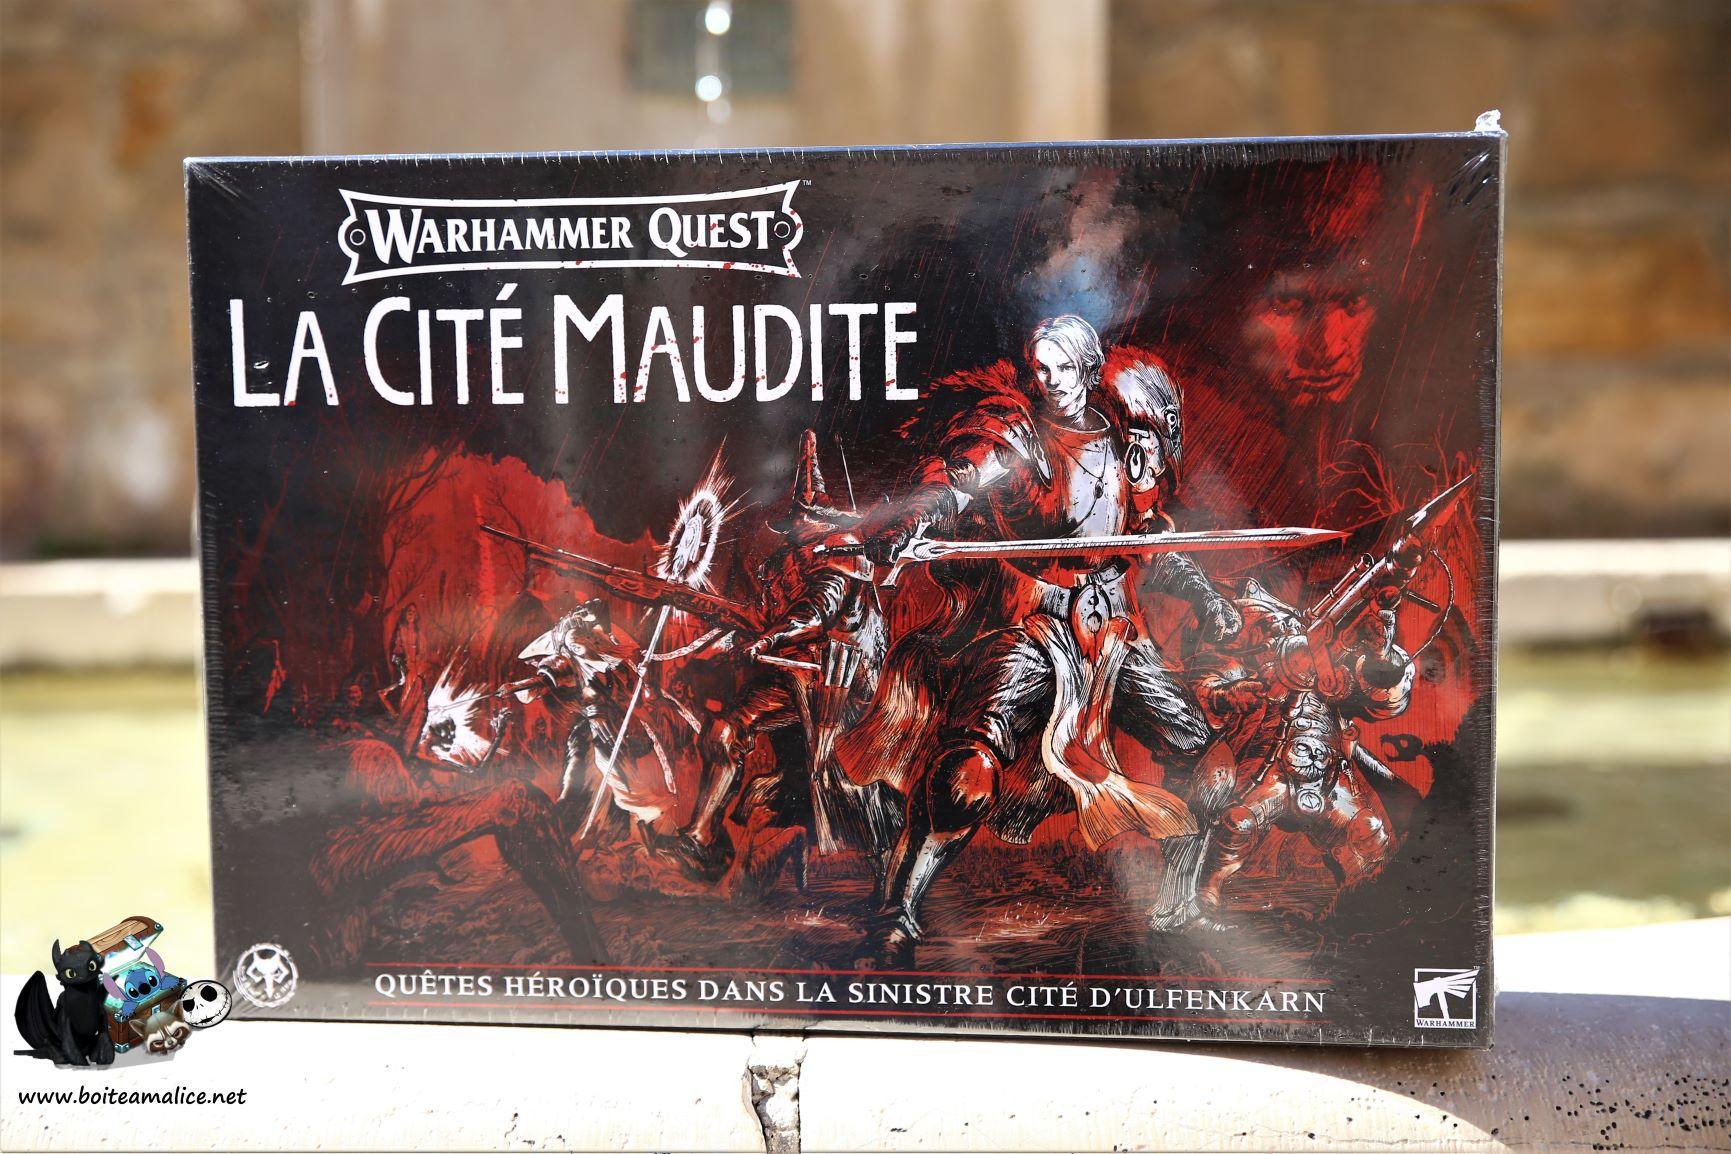 Warhammer quest la cite maudite 1